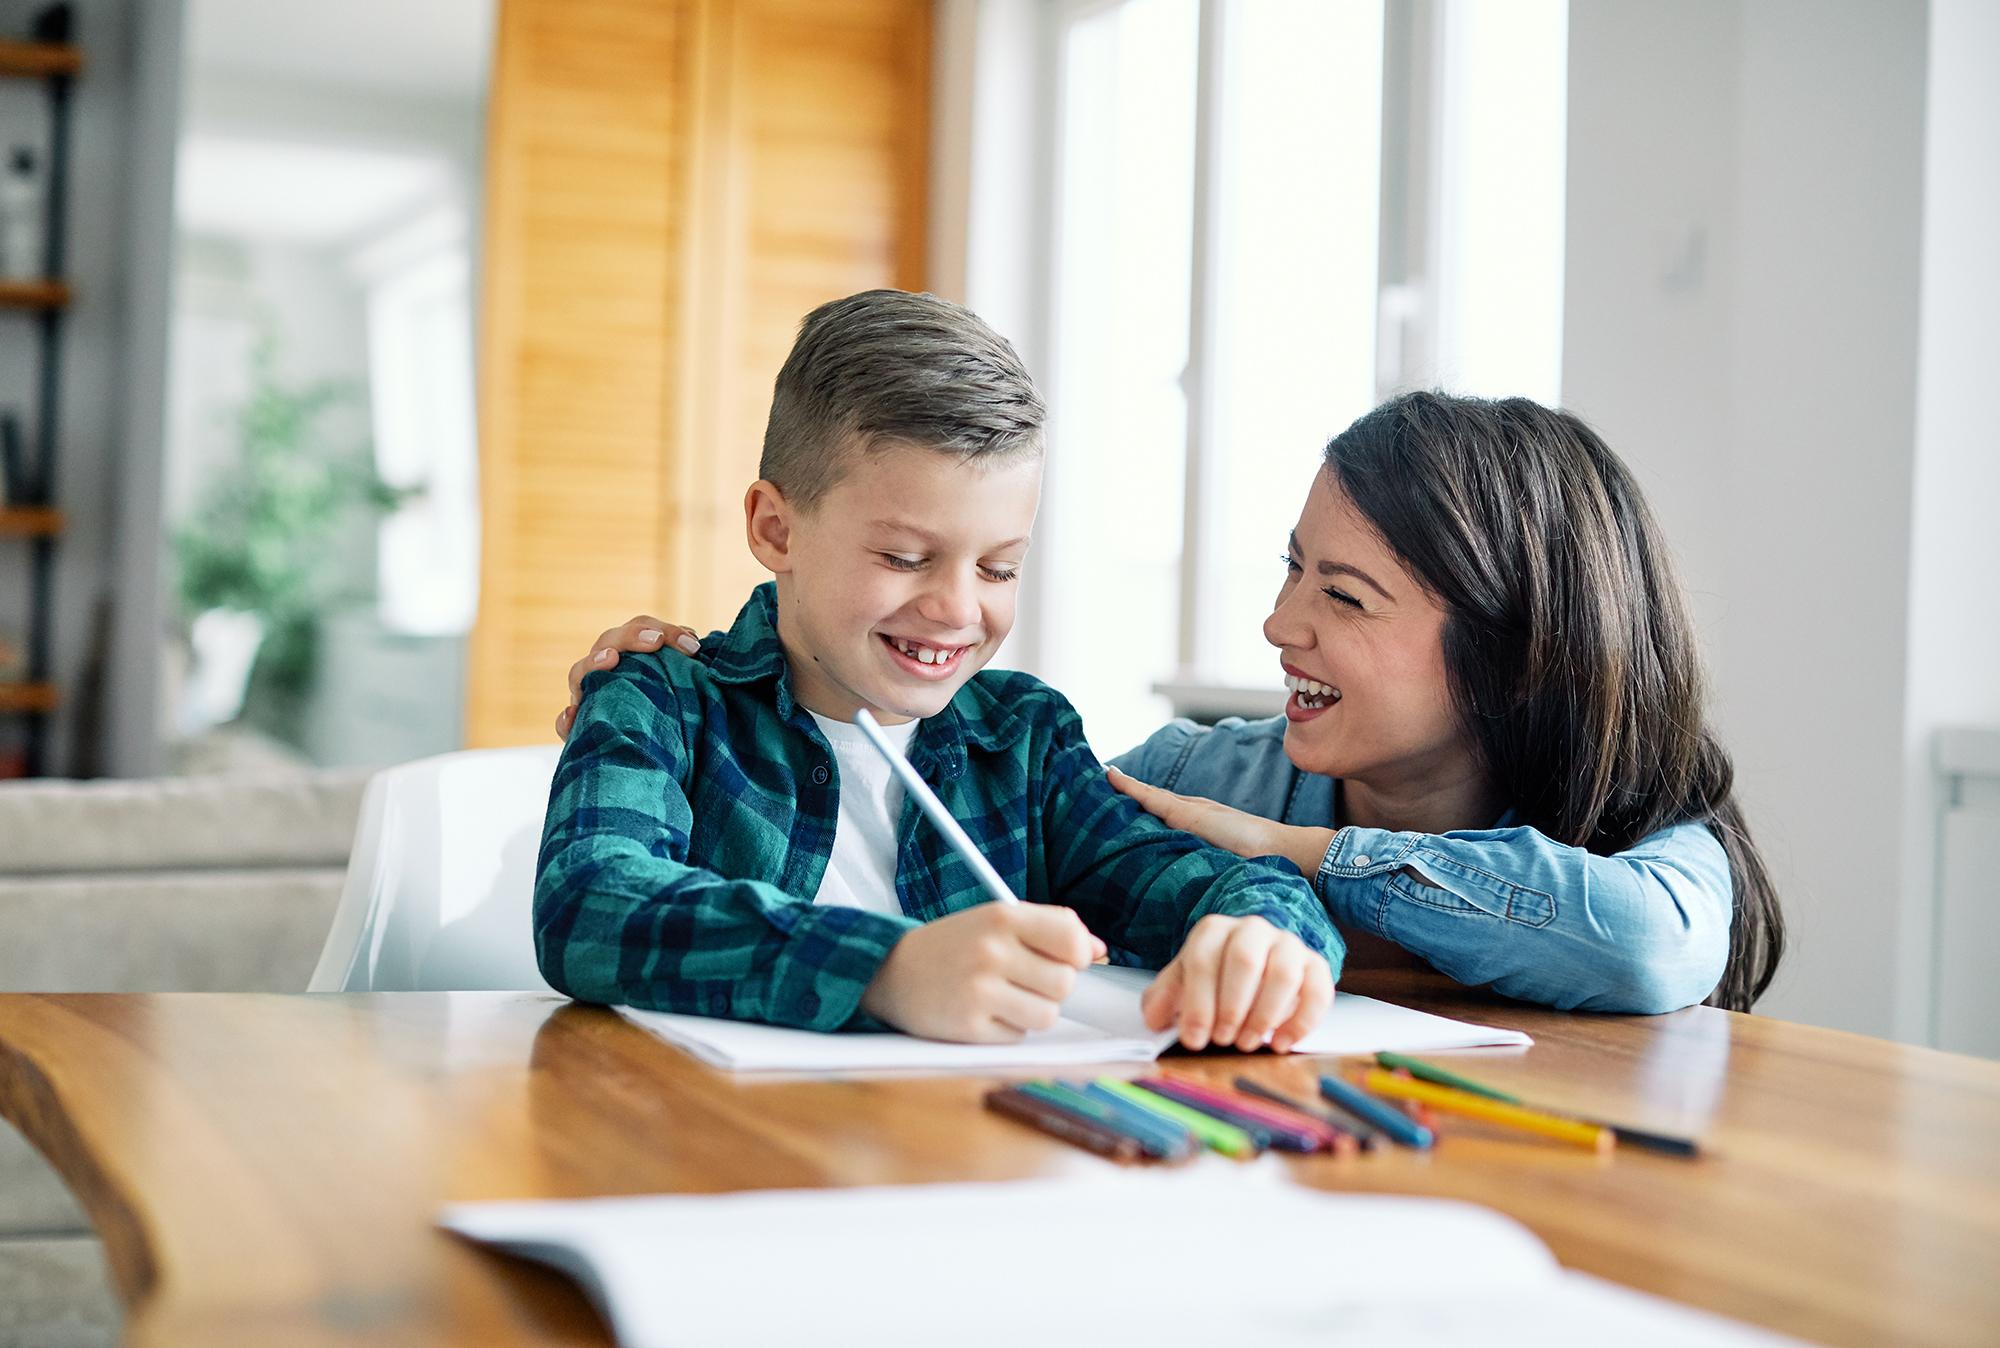 homework teaching education mother children son familiy childhoo